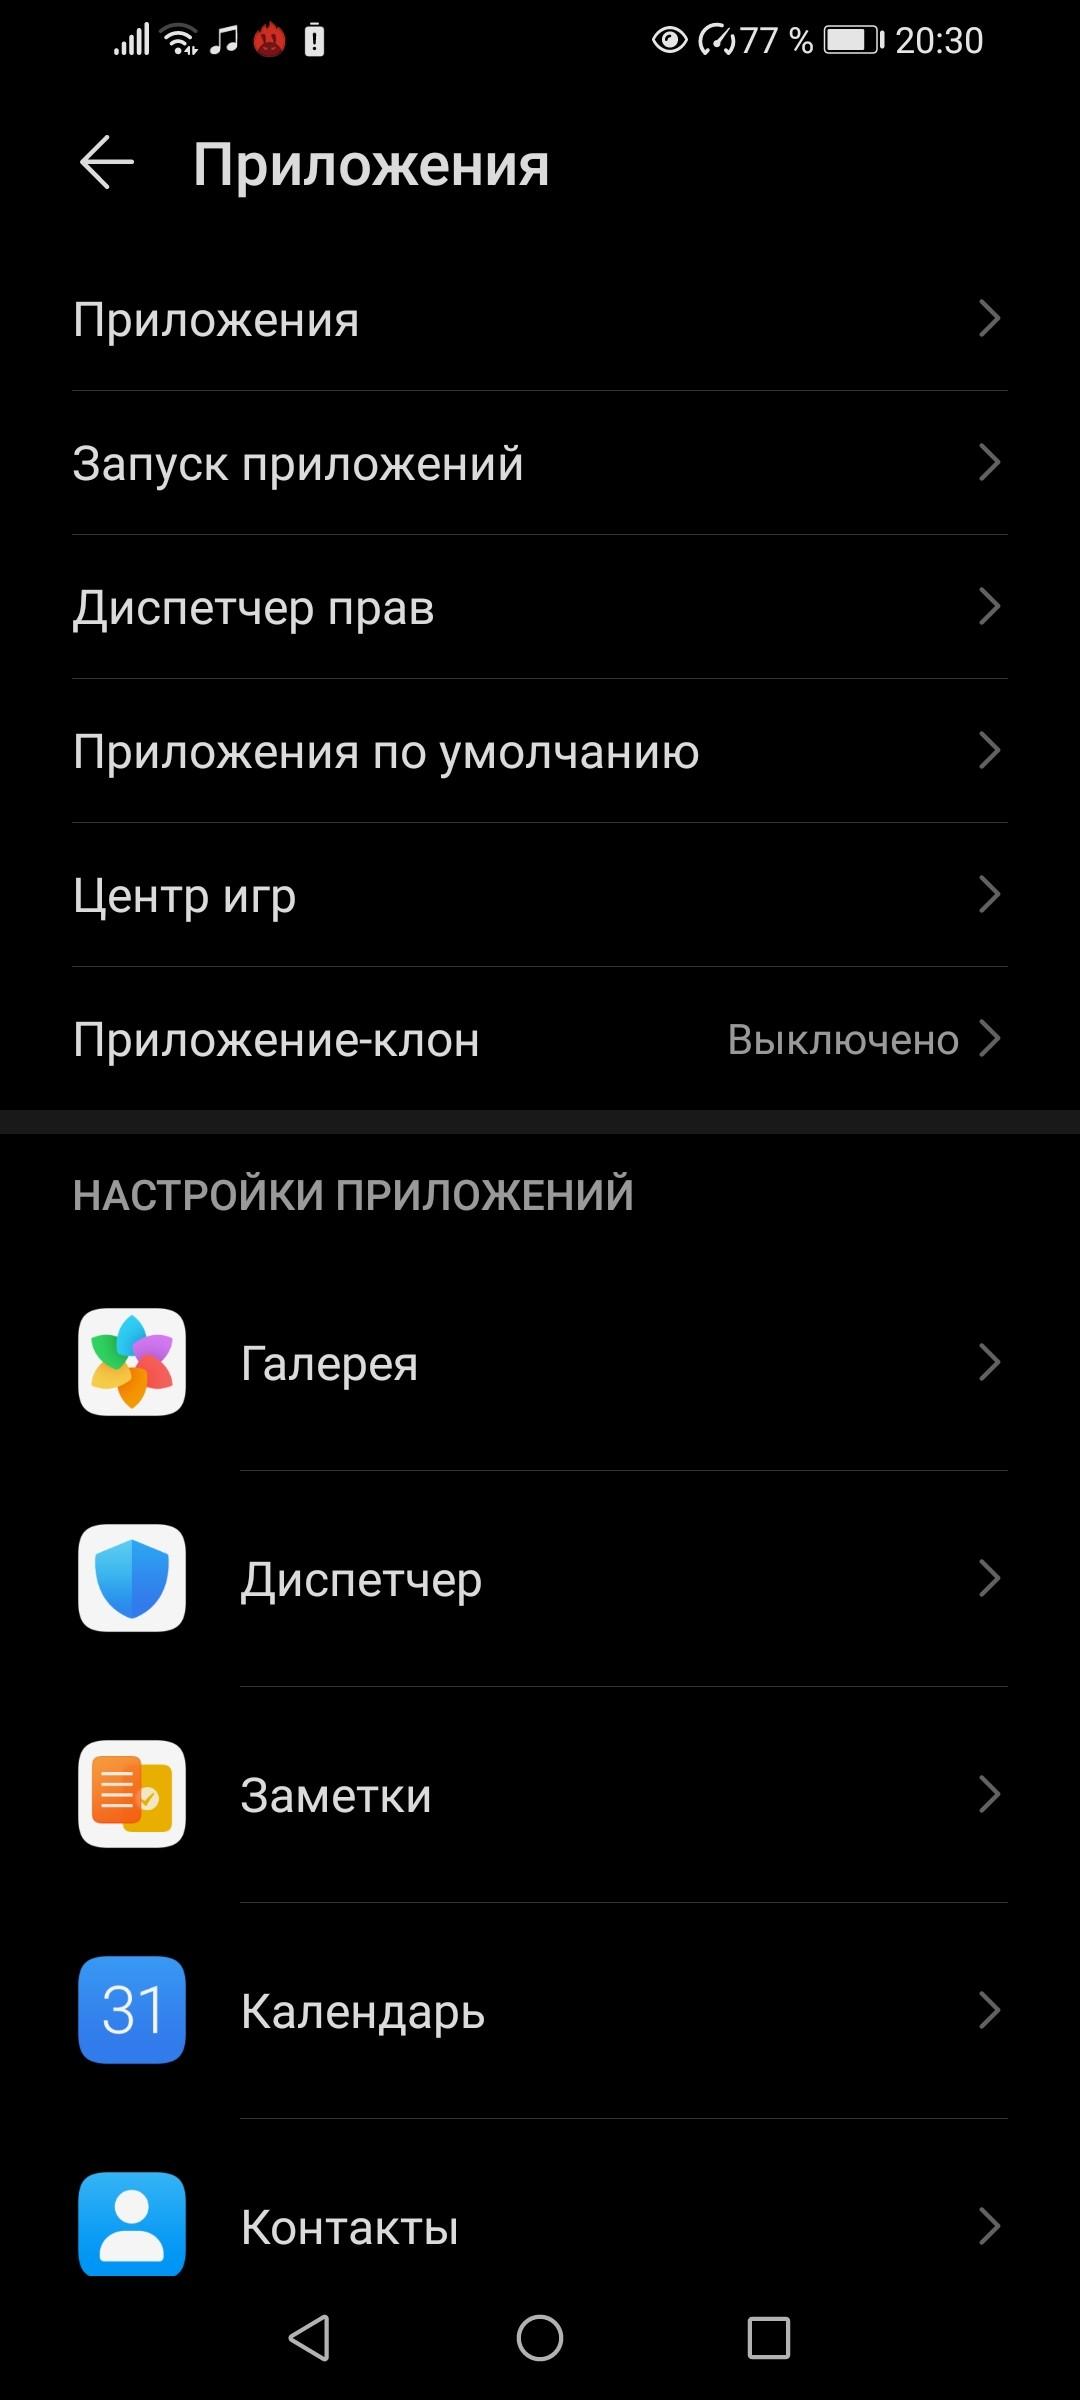 app_settings.jpg